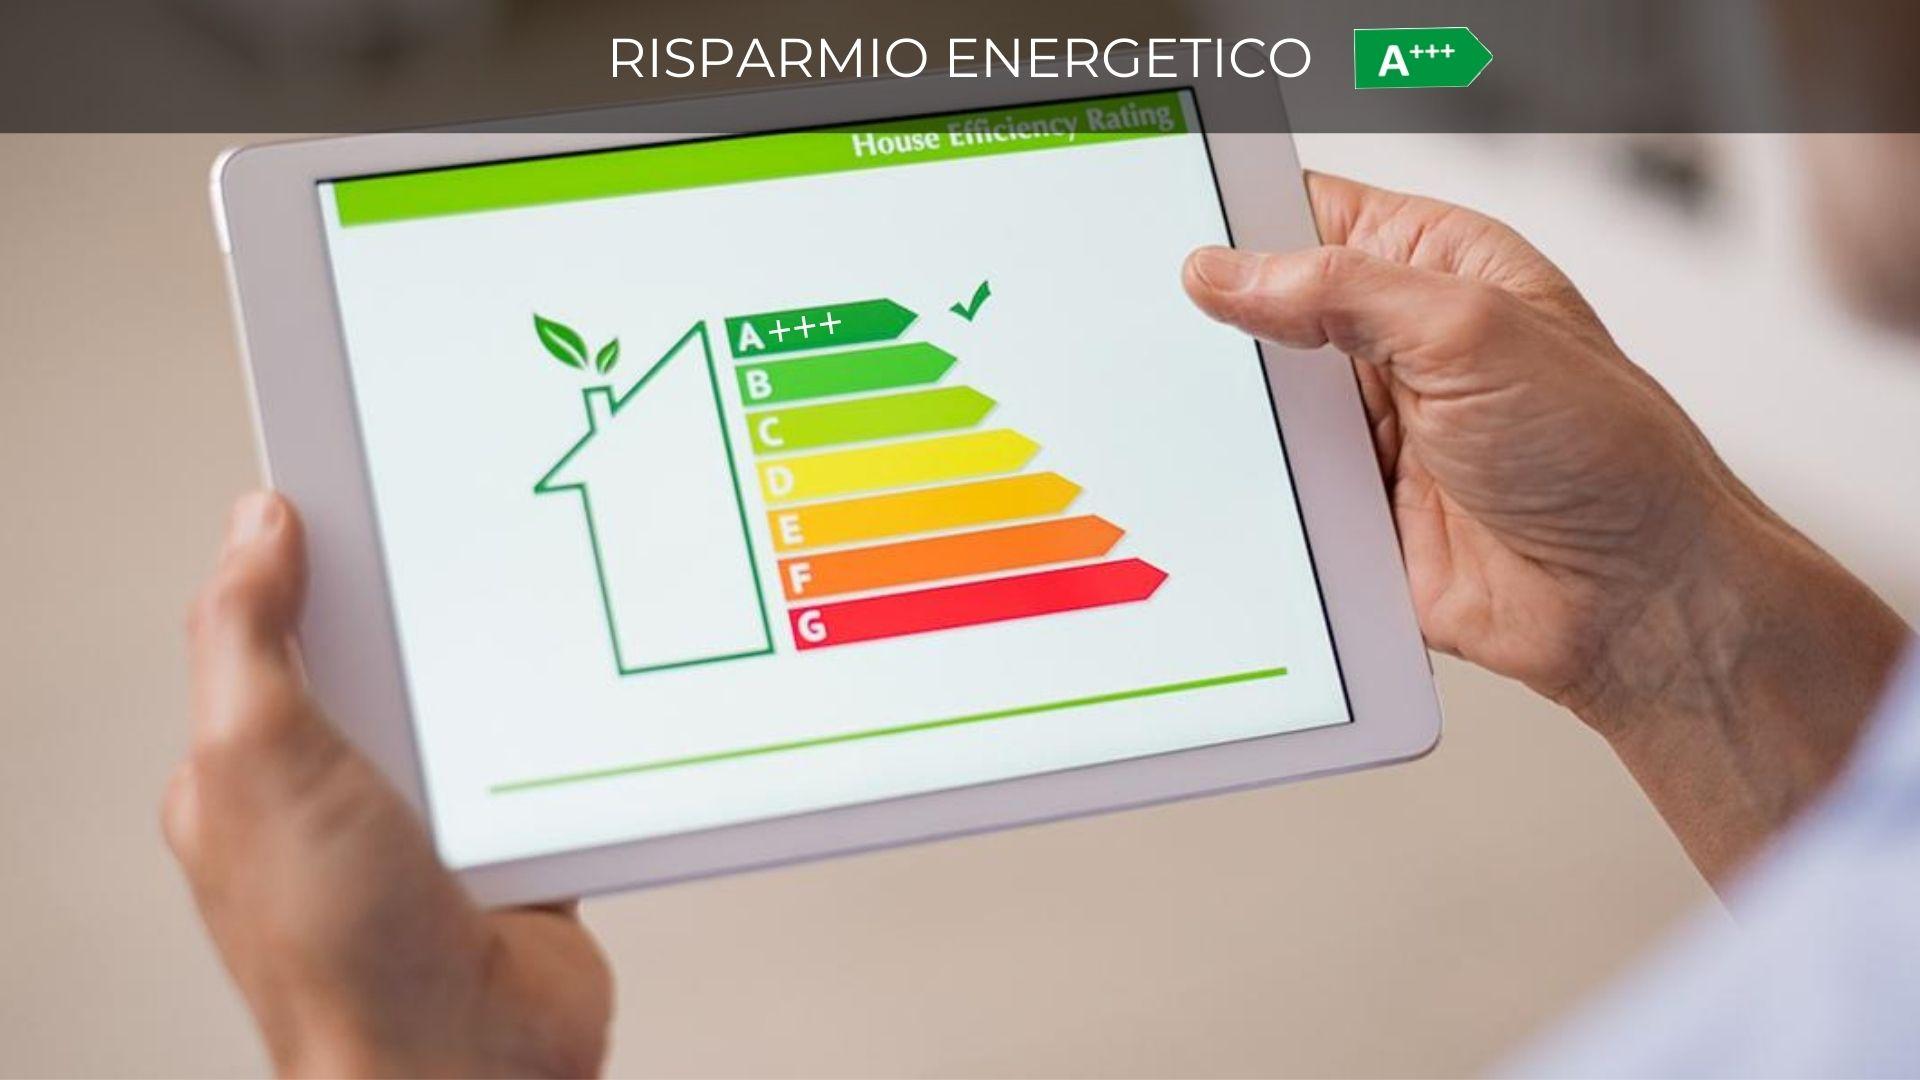 Climatizzatori e risparmio energetico